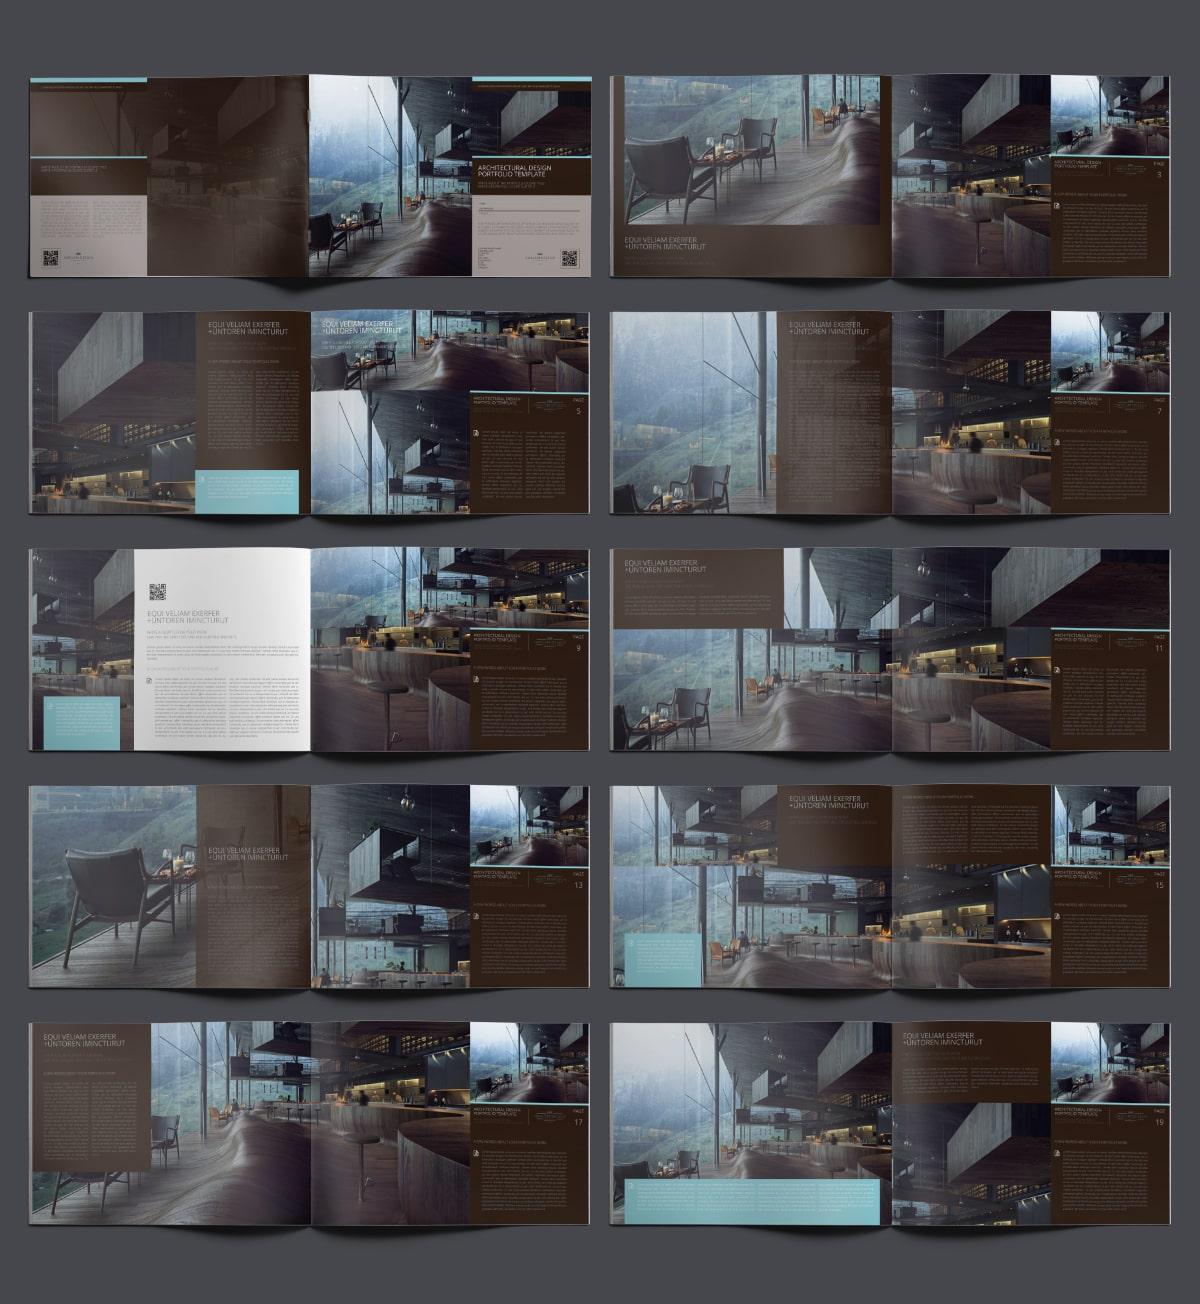 Architectural Design Portfolio Template - Layouts